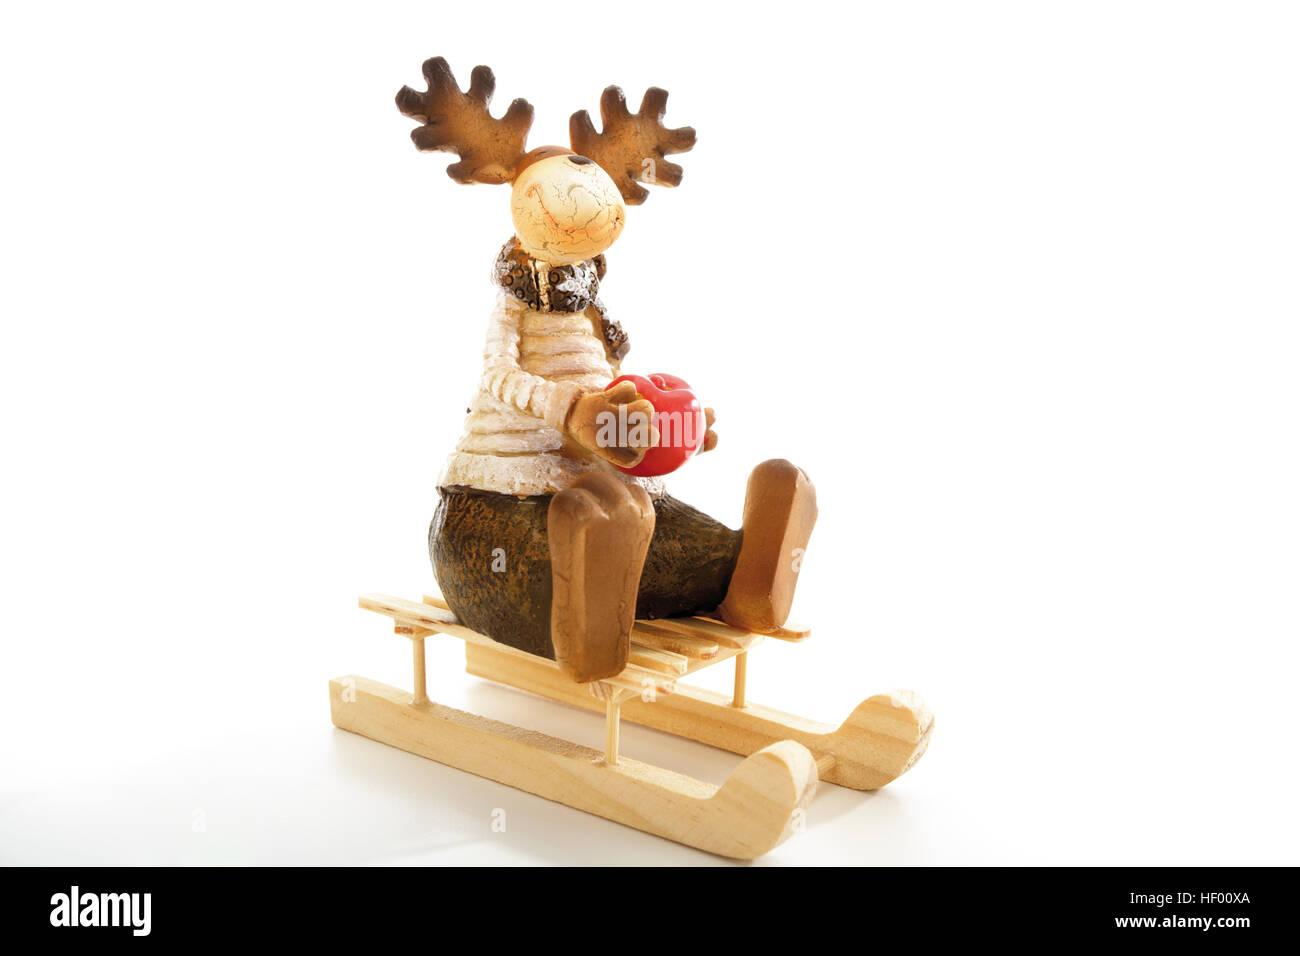 Sleigh Christmas Stock Photos & Sleigh Christmas Stock Images - Alamy